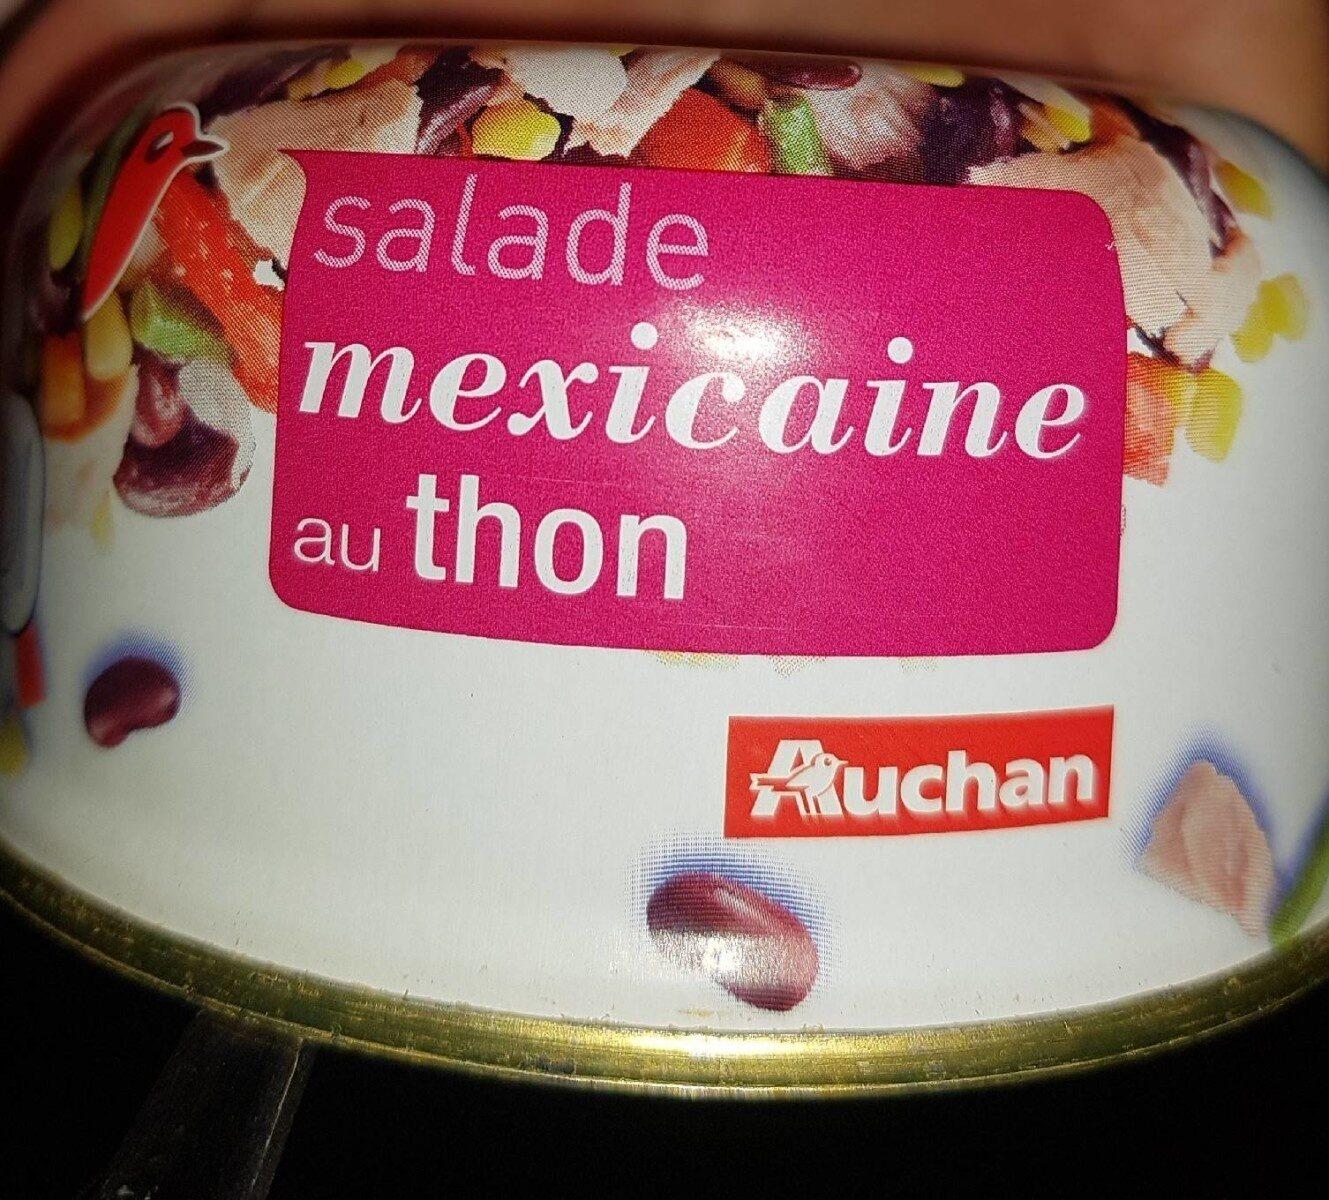 Salade mexicaine au thon - Produit